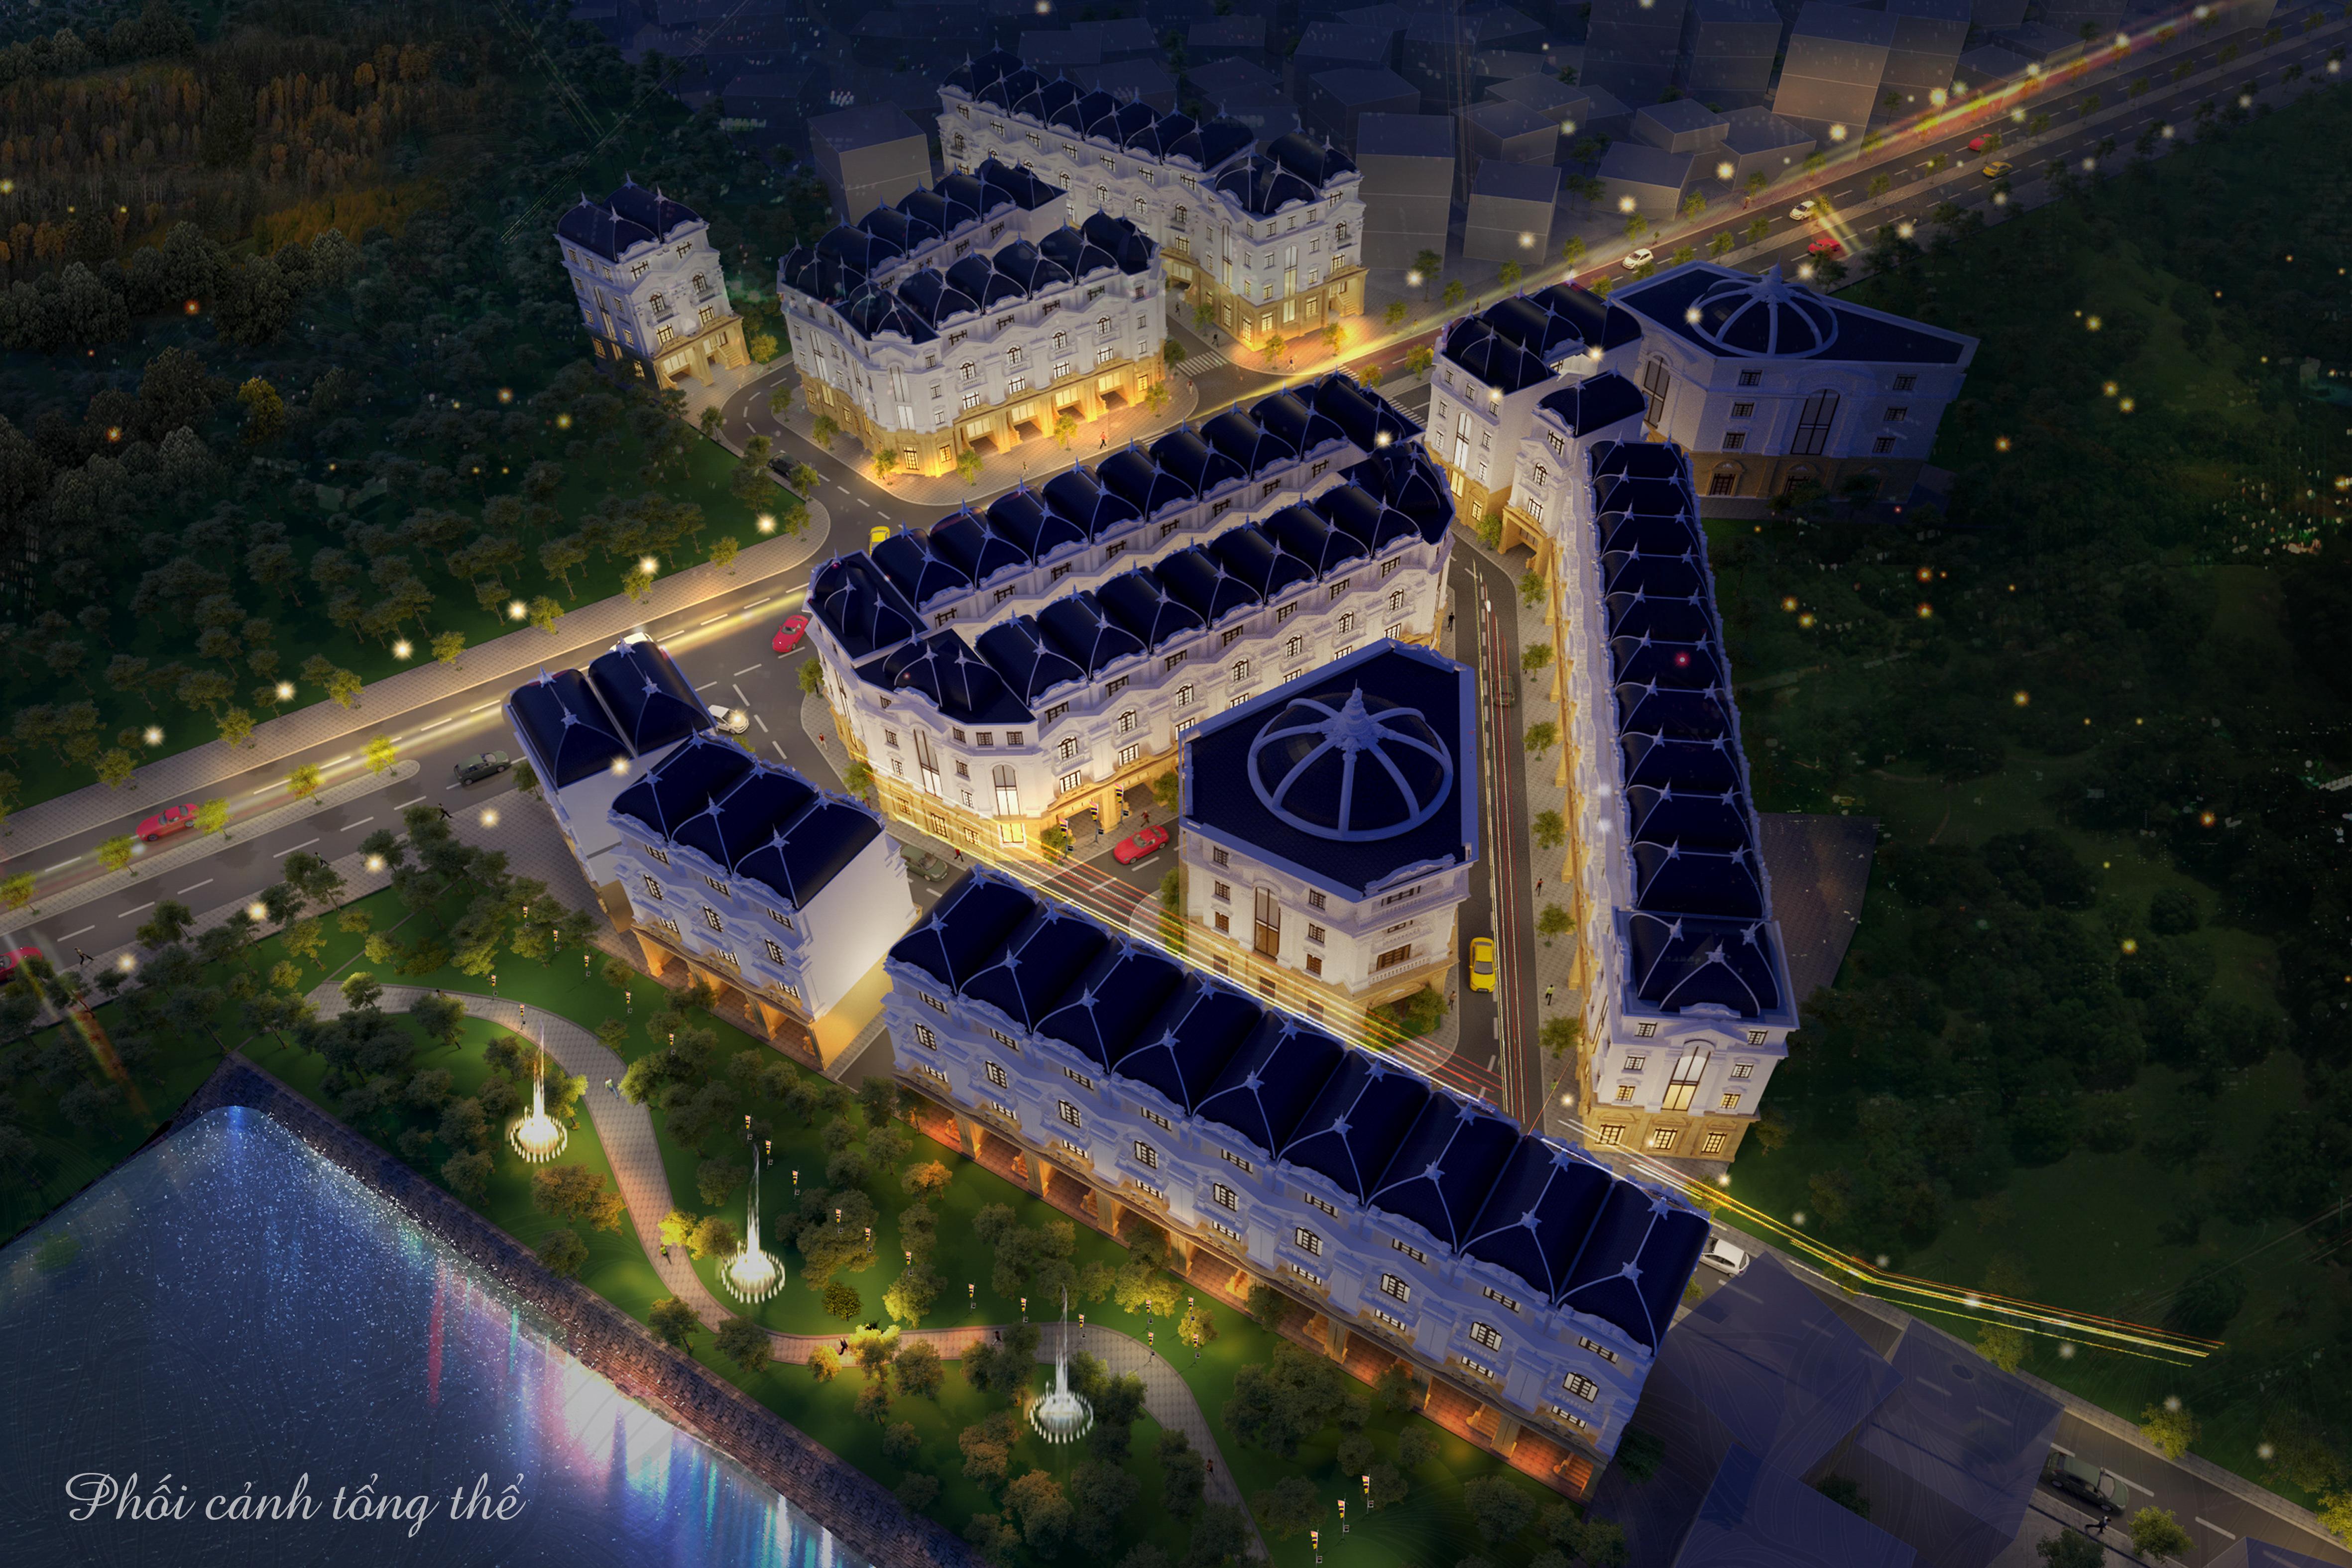 Phối cảnh tổng thể dự án Hoàng Cầu Riverside